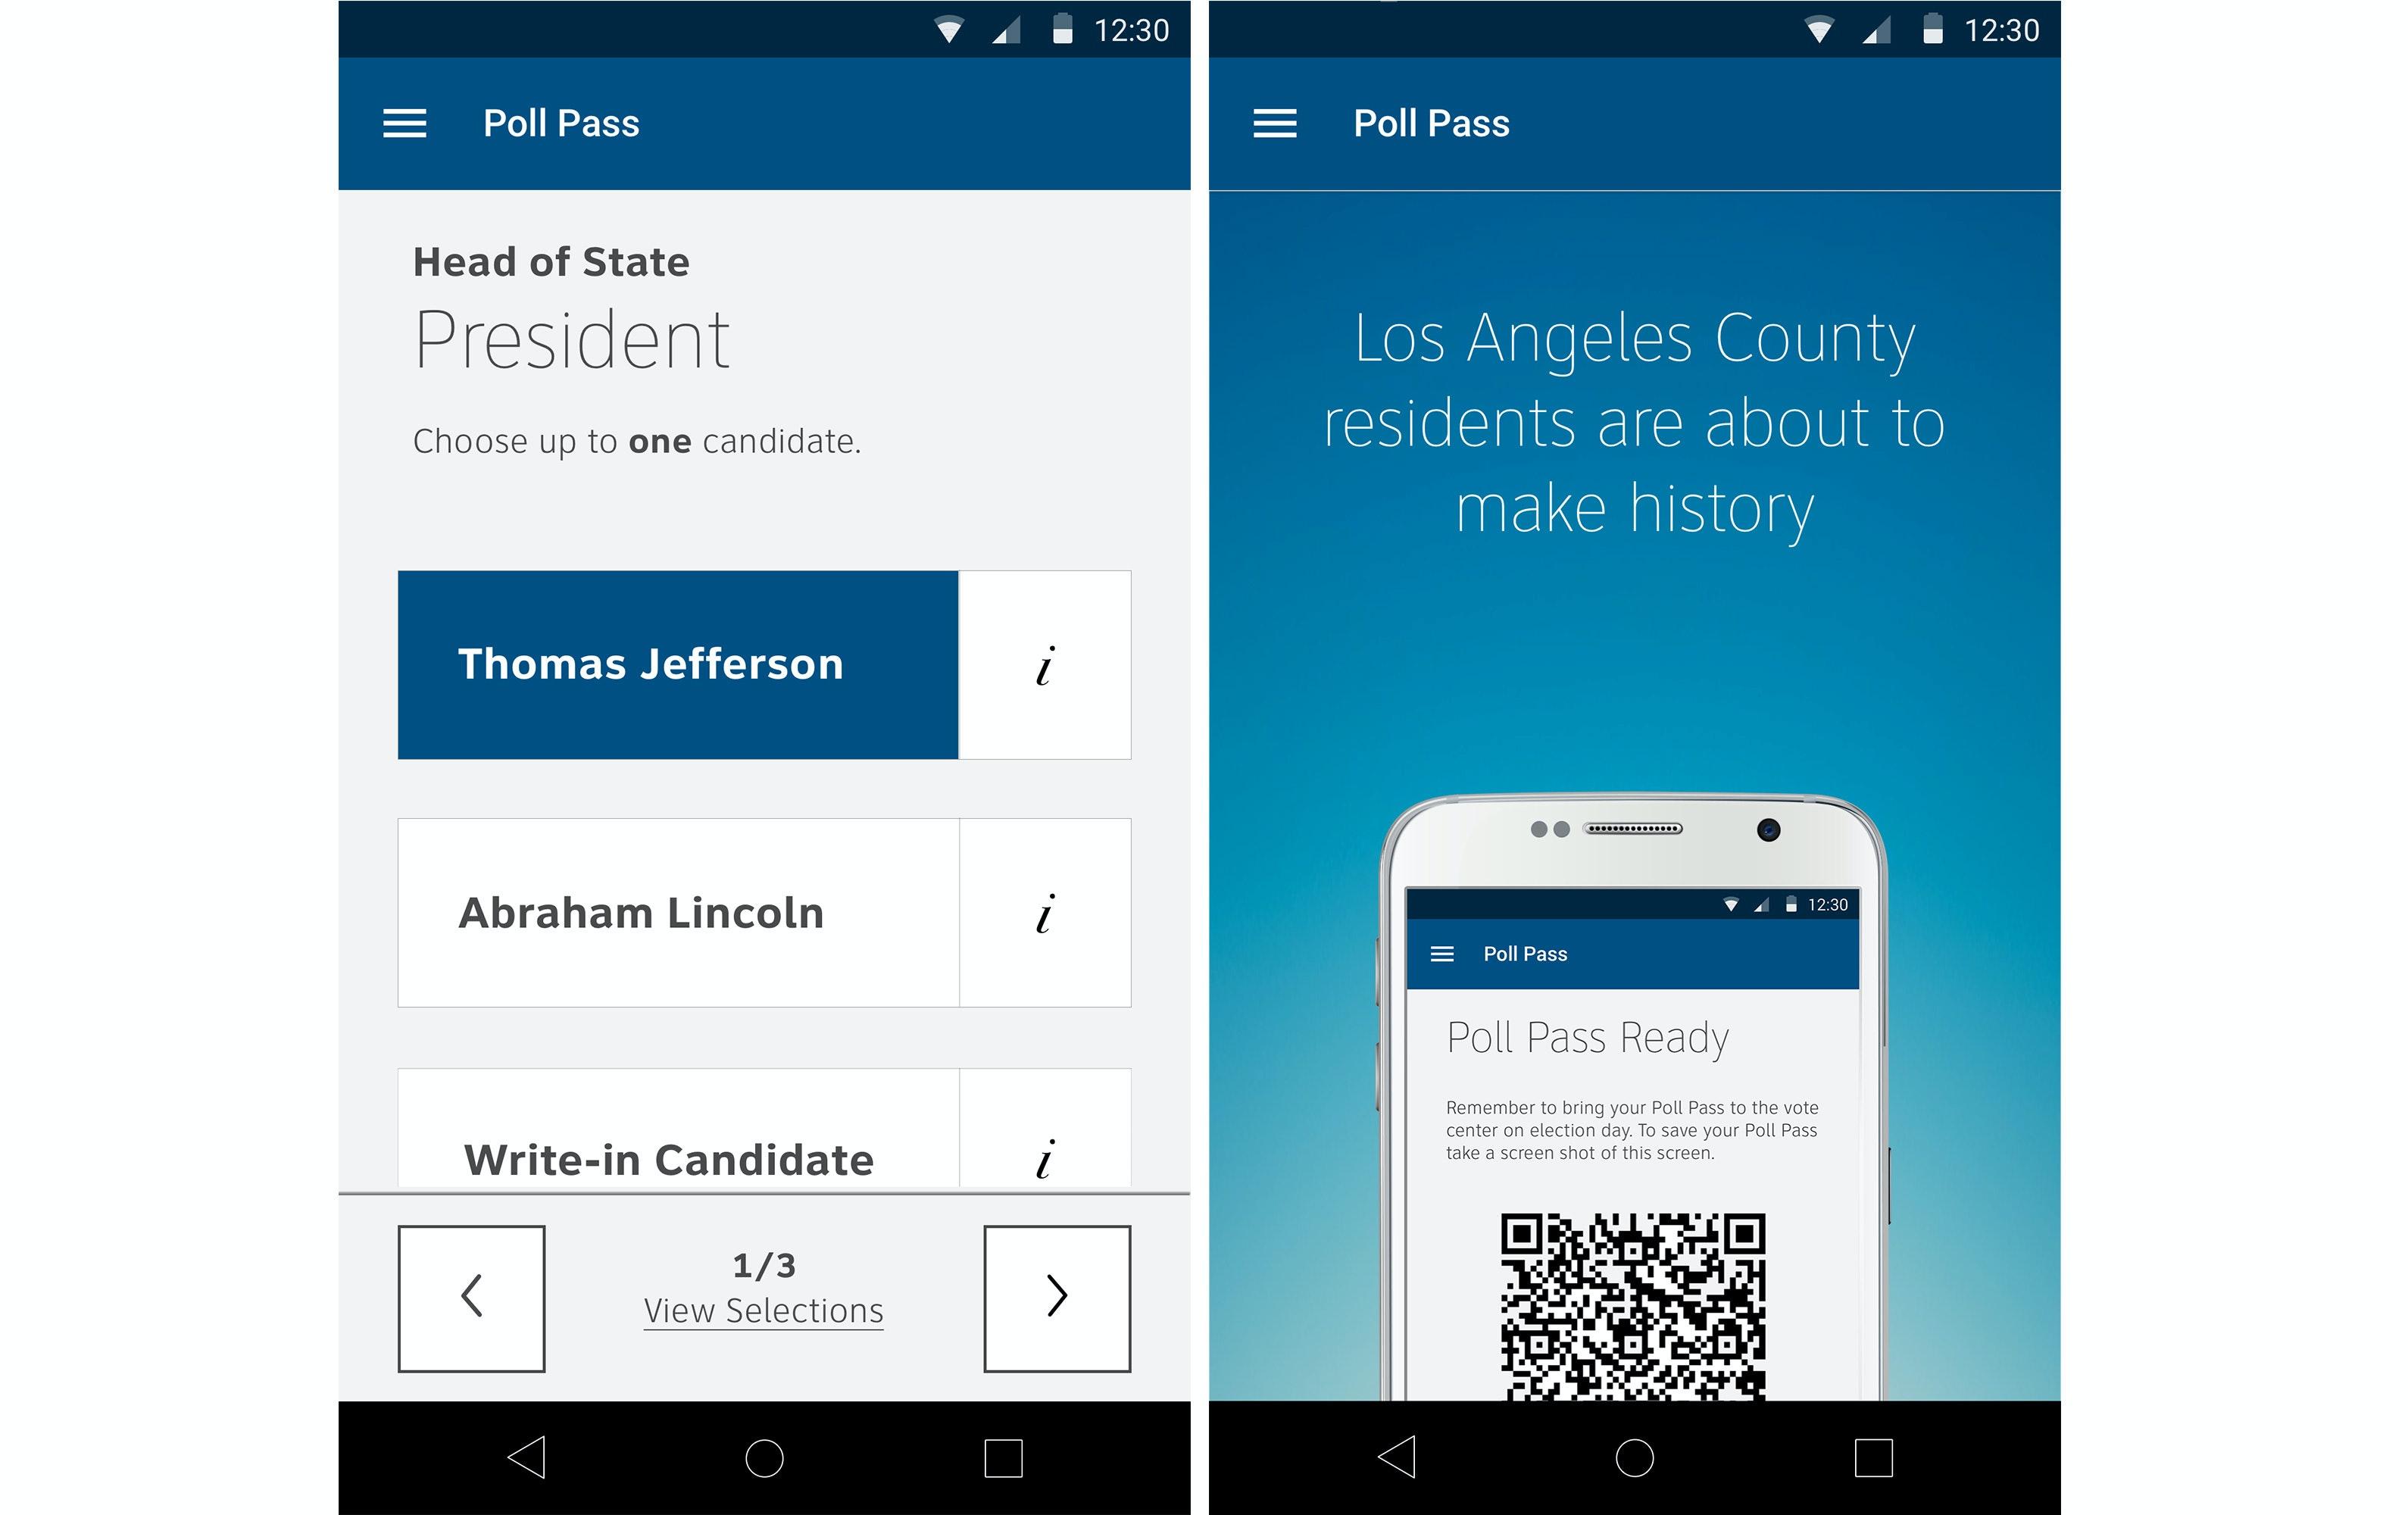 Poll Pass App 2